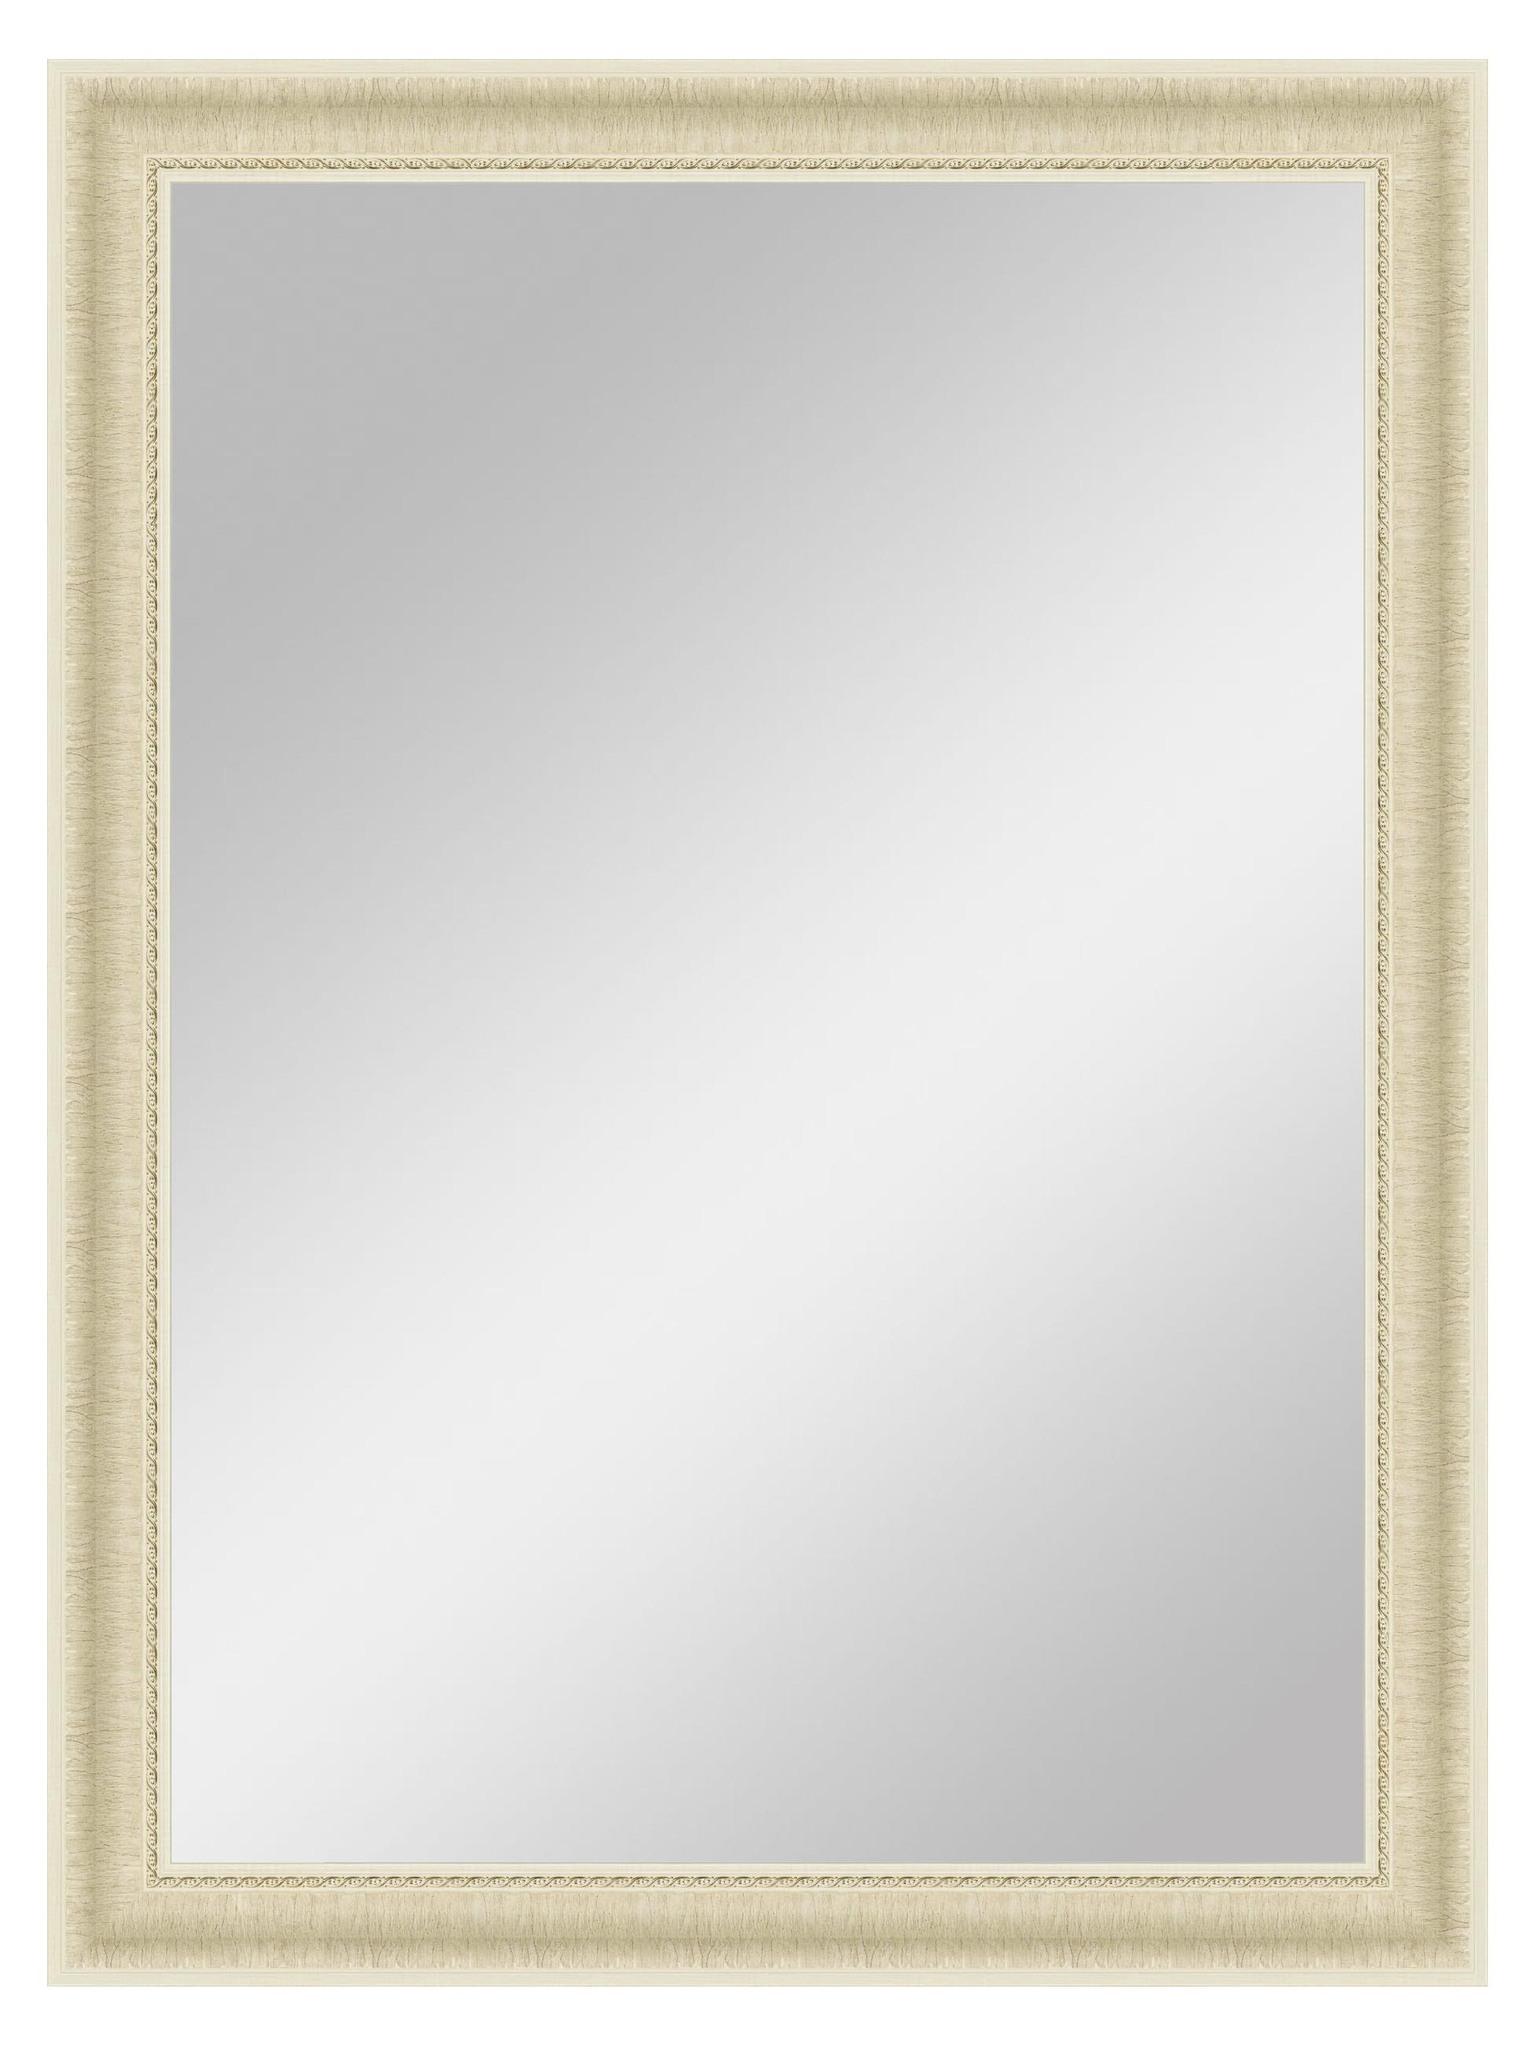 Настенное зеркало Тилиа , inmyroom, Россия  - Купить